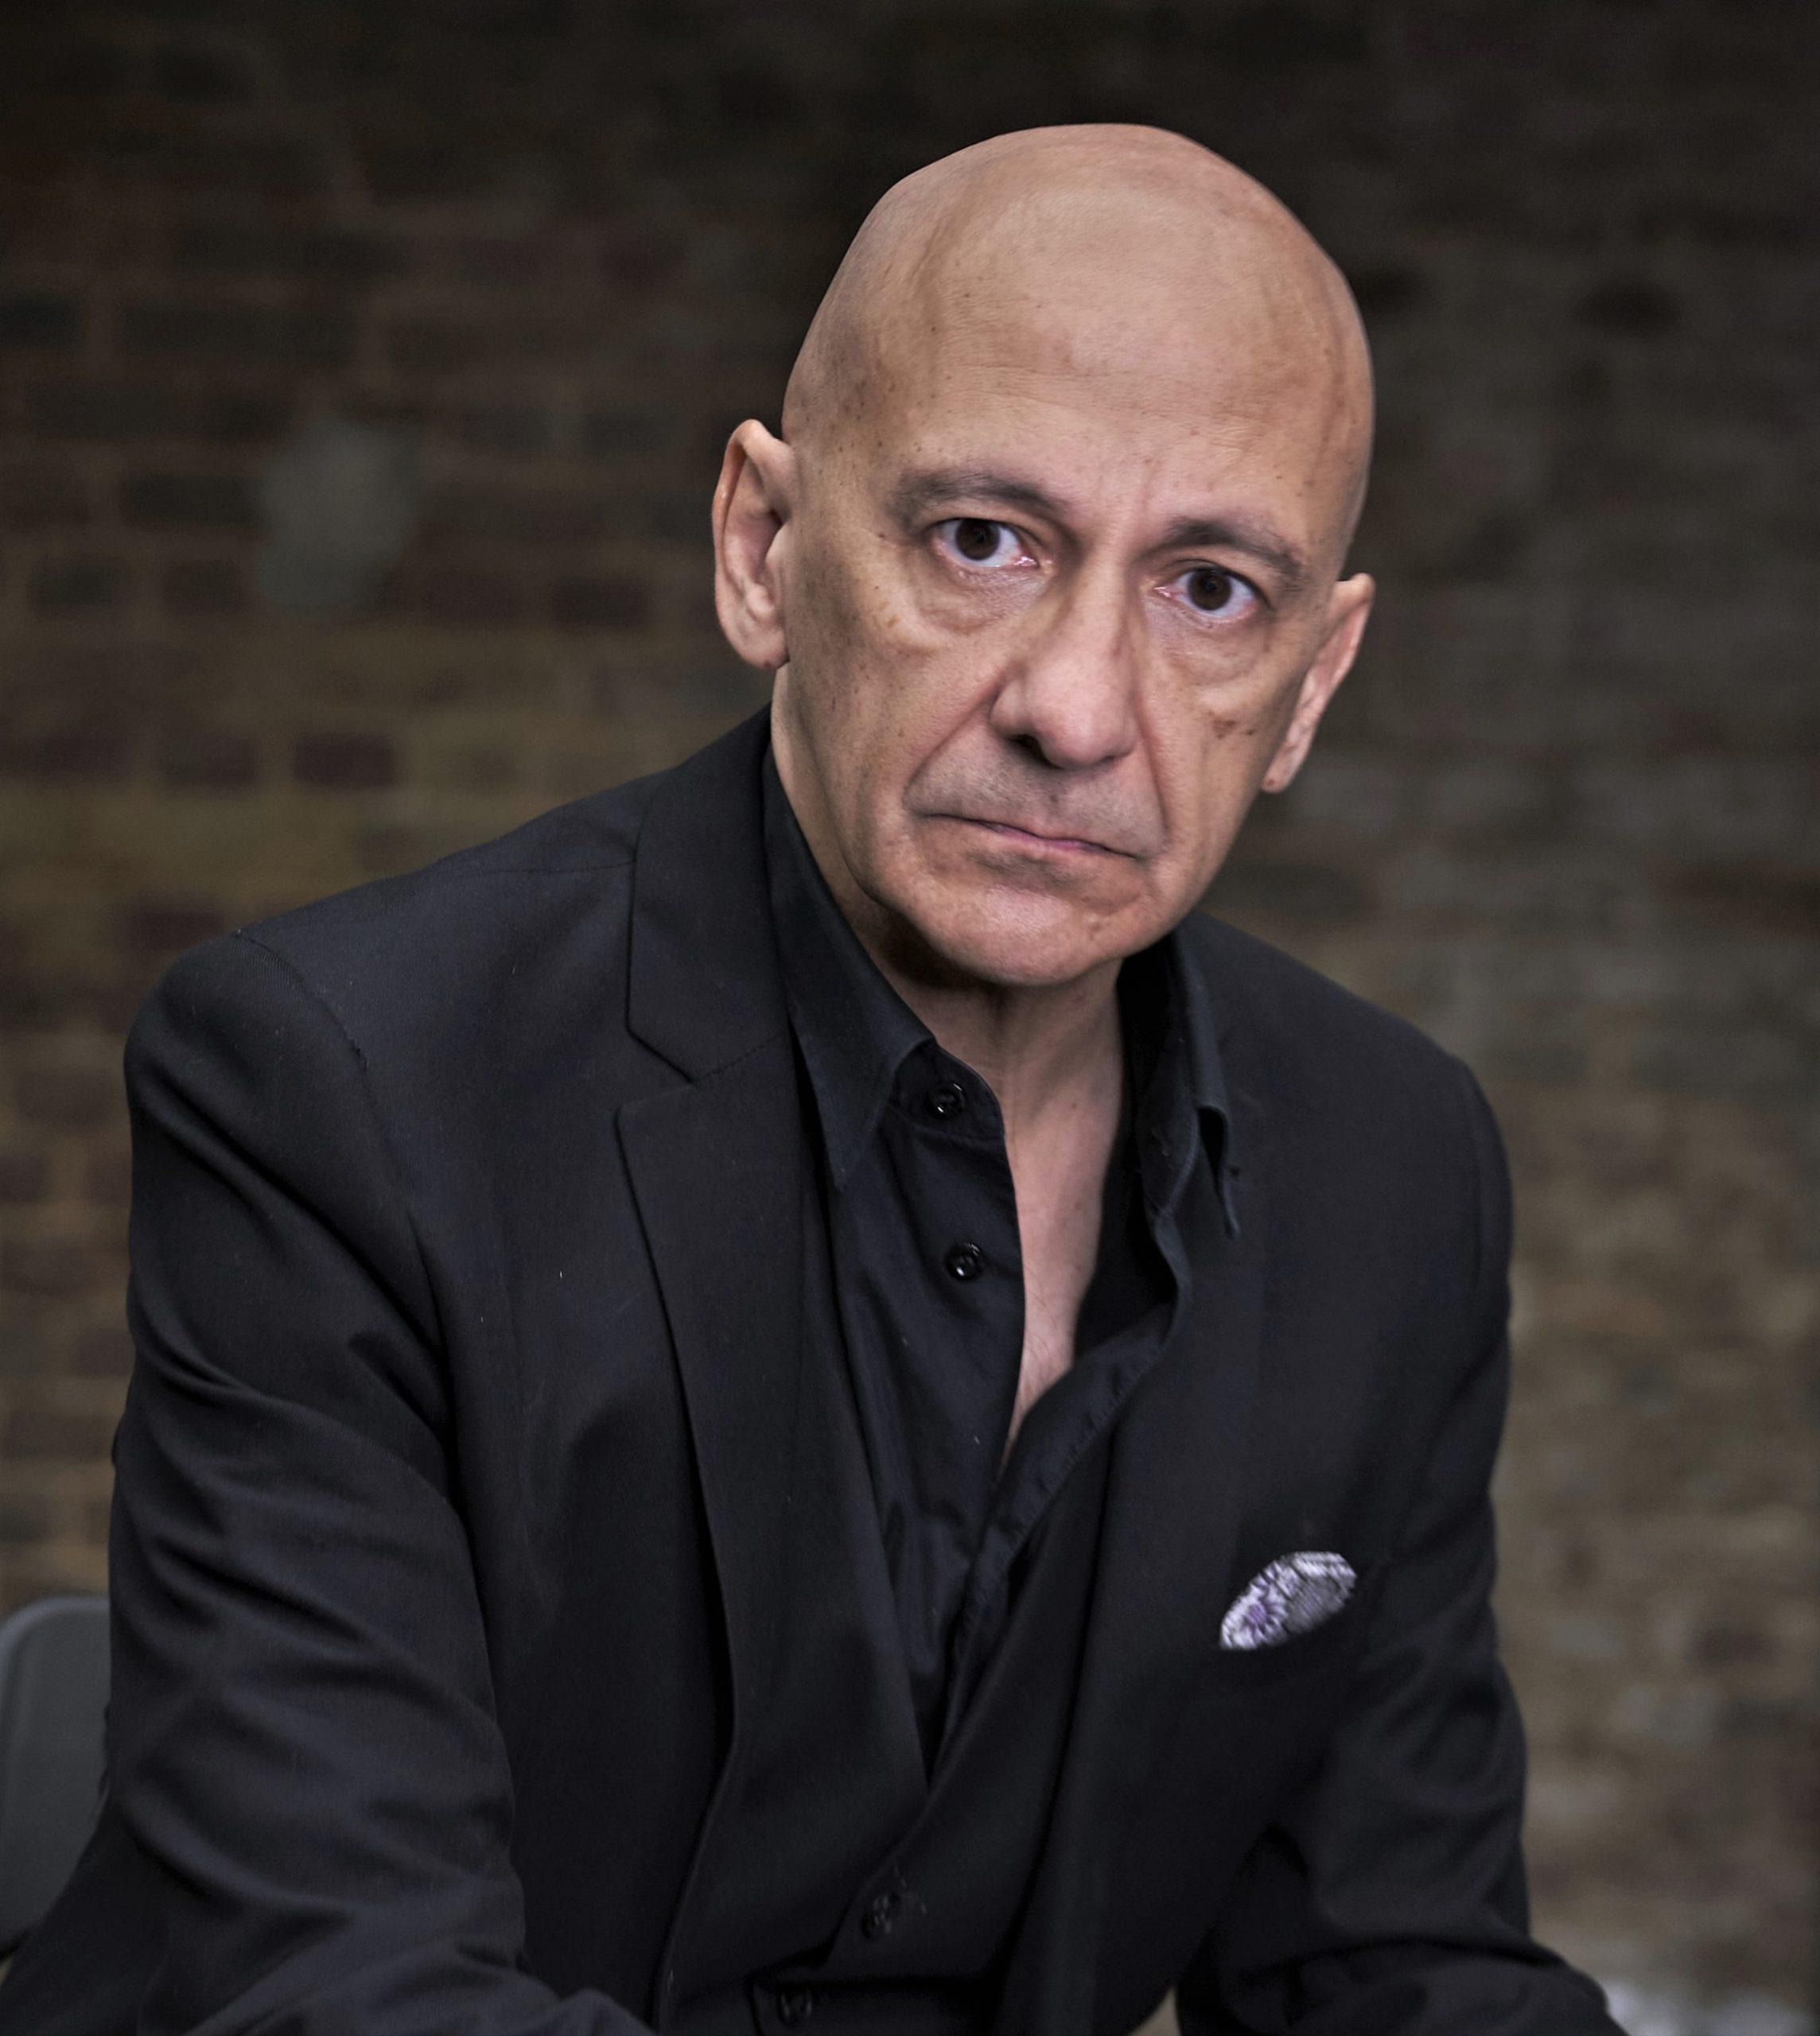 Jorge de Juan es un actor español, residente en Londres con larga filmografía como actor. Es también dramaturgo y productor.